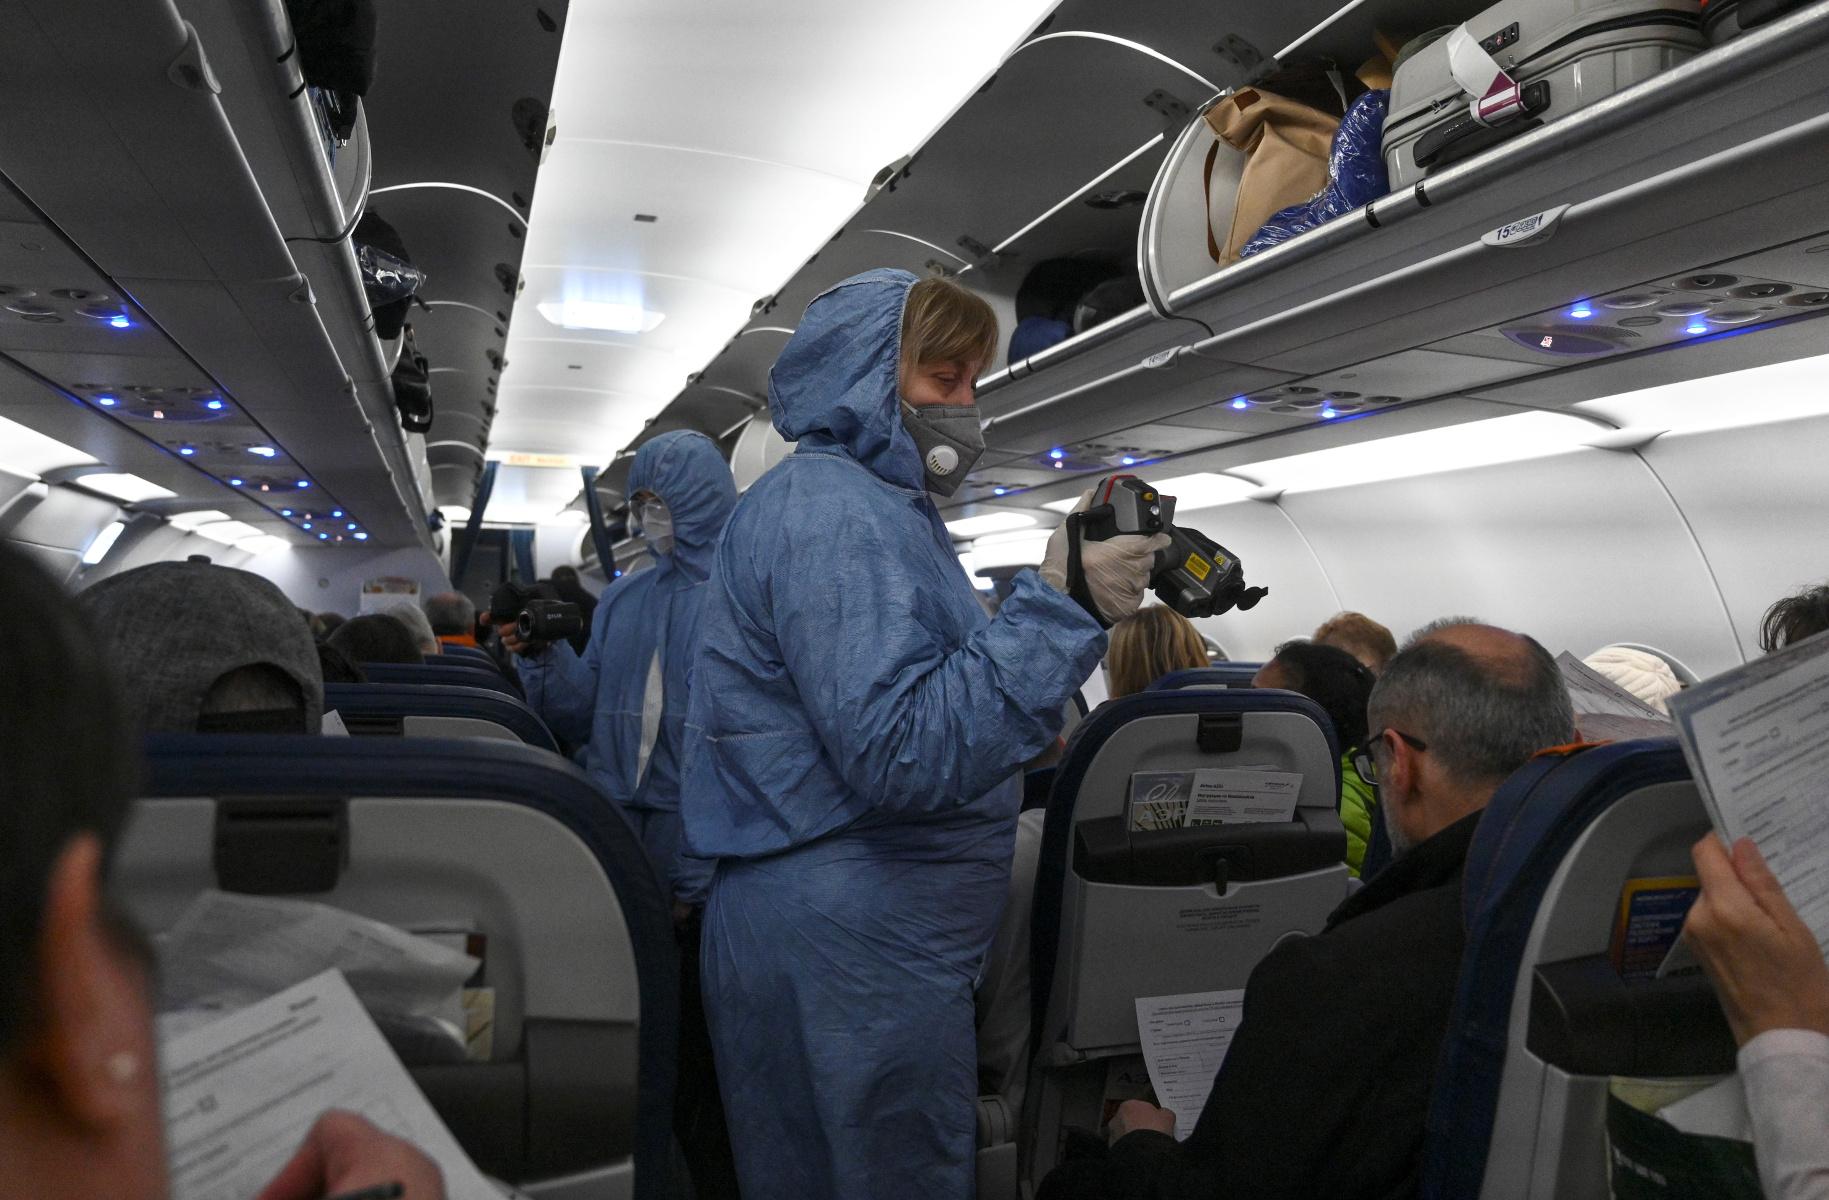 Γονατίζει τις αεροπορικές εταιρίες ο κορονοϊός! Θα χρειαστούν βοήθεια έως 200 δισεκ. δολάρια